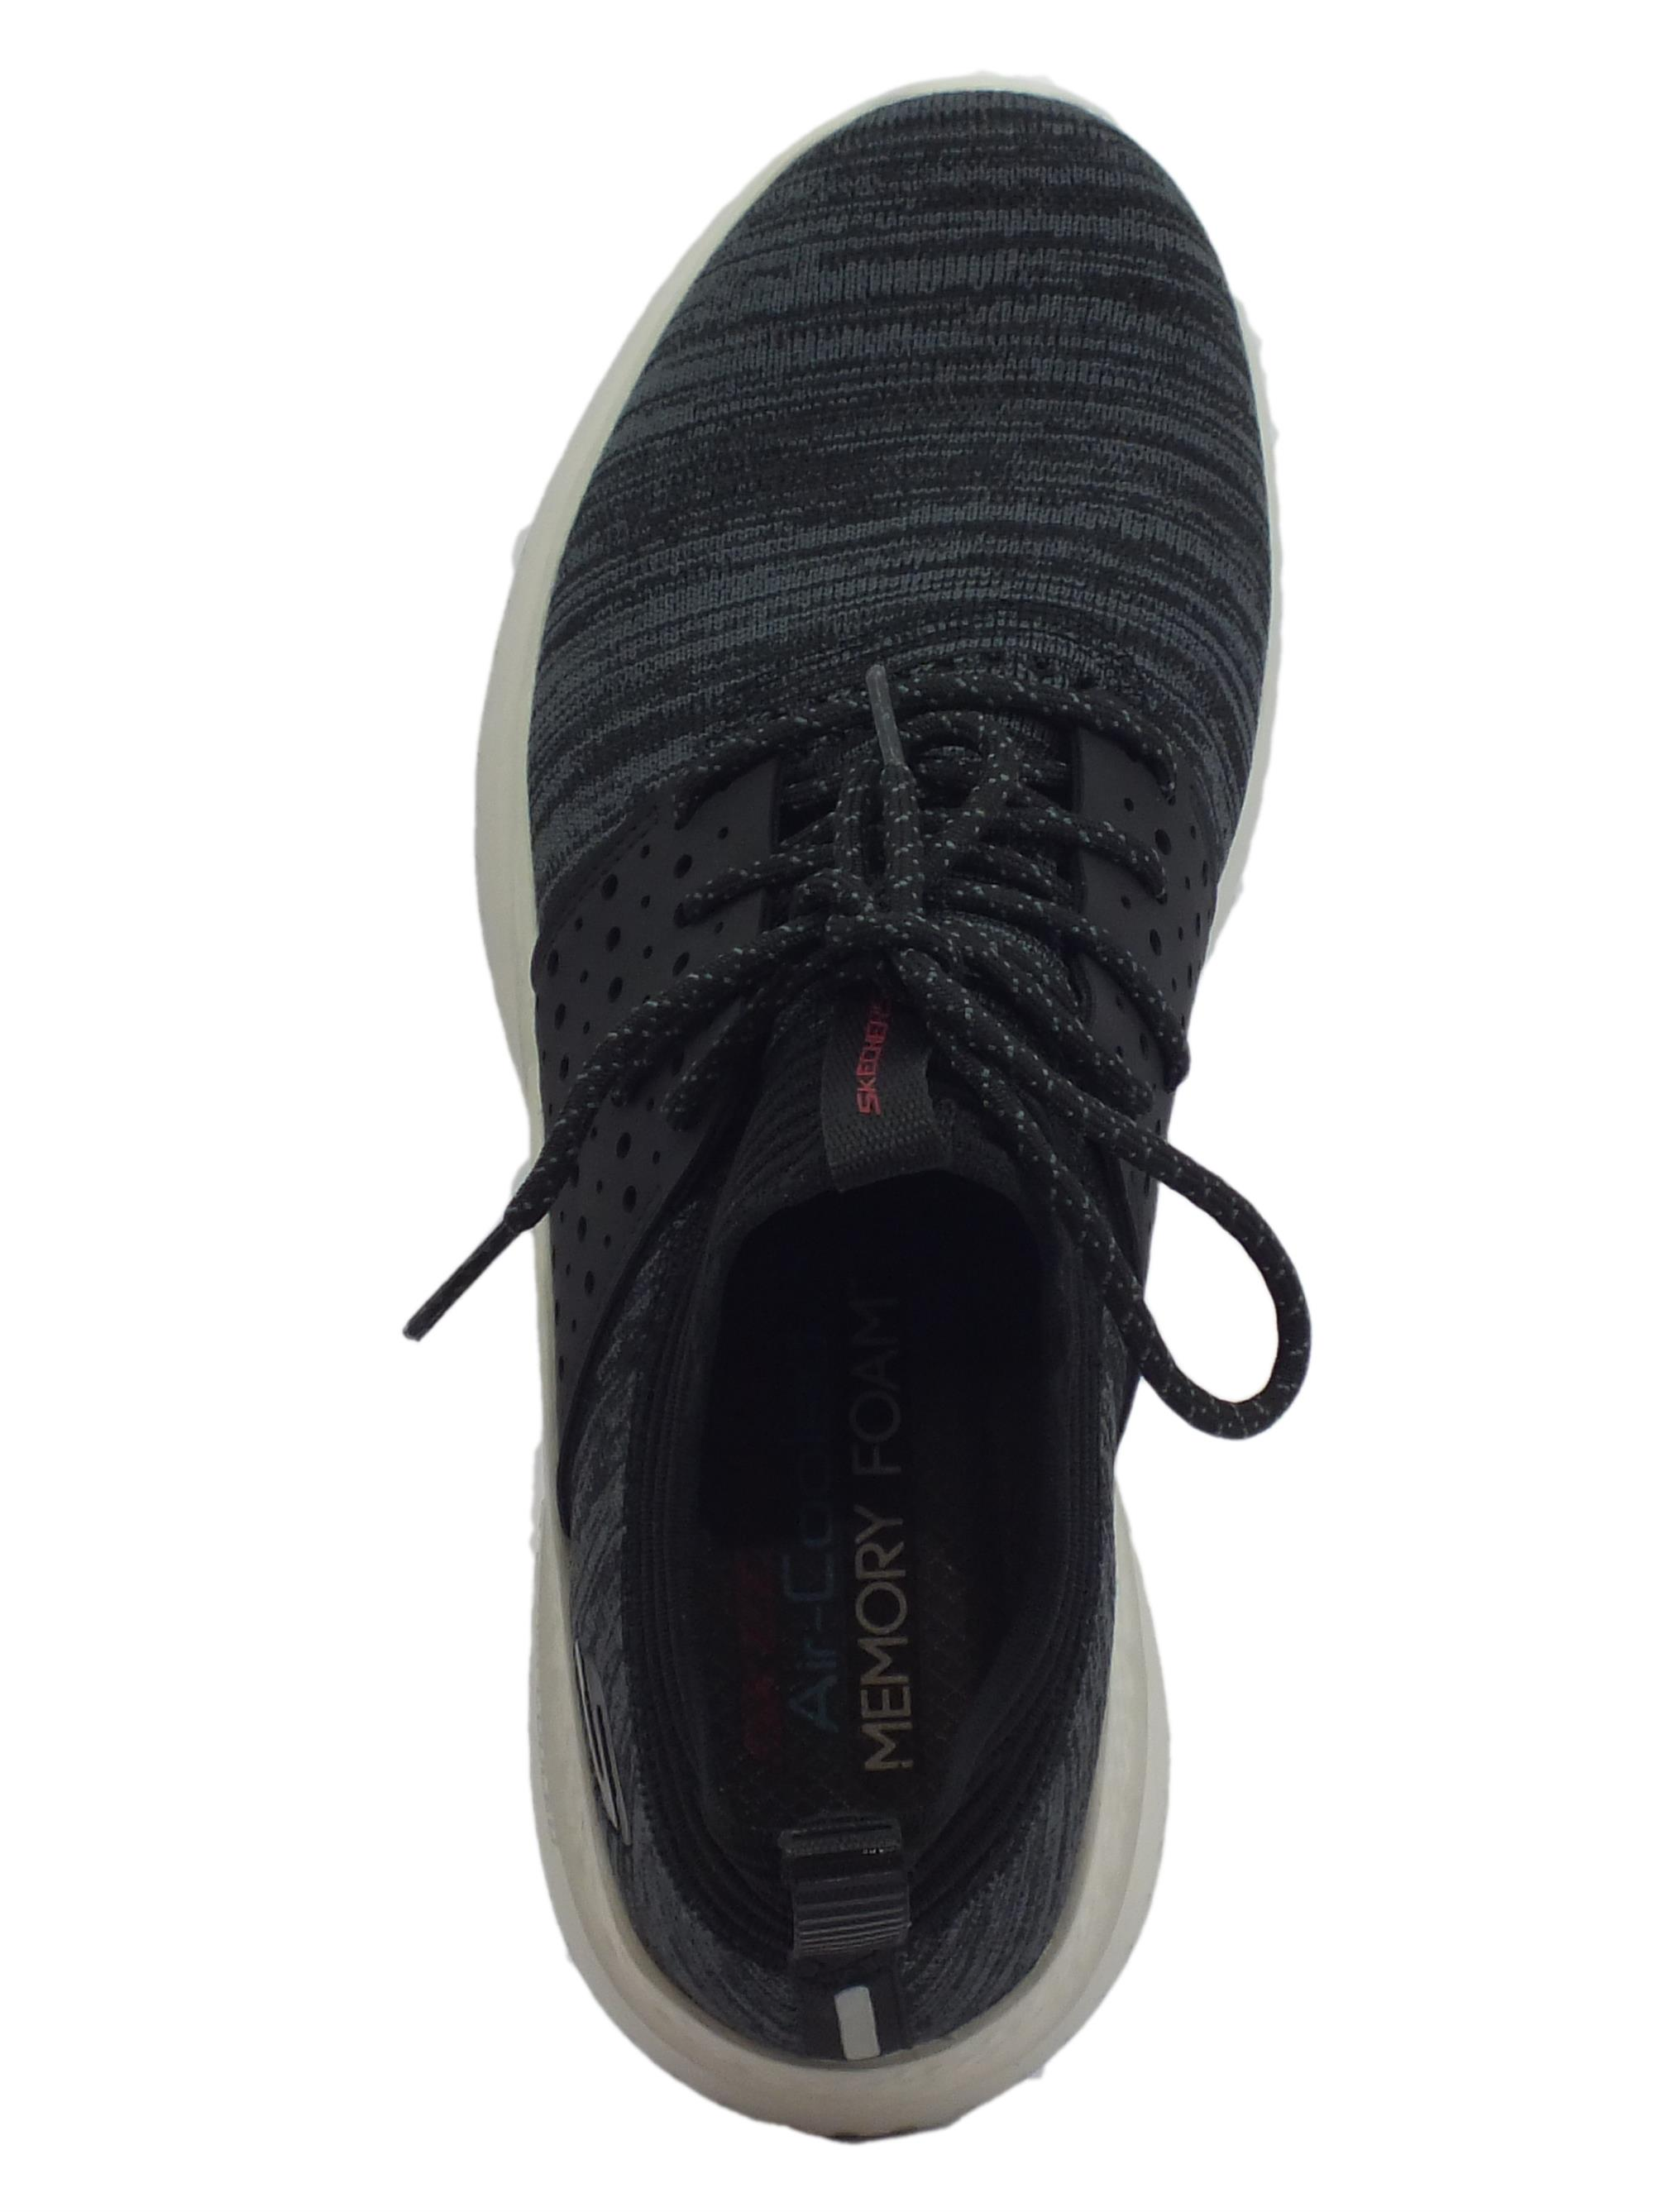 Skechers Matera Knocto scarpe sportive uomo tessuto nero - Vitiello ... 37ac33fabac